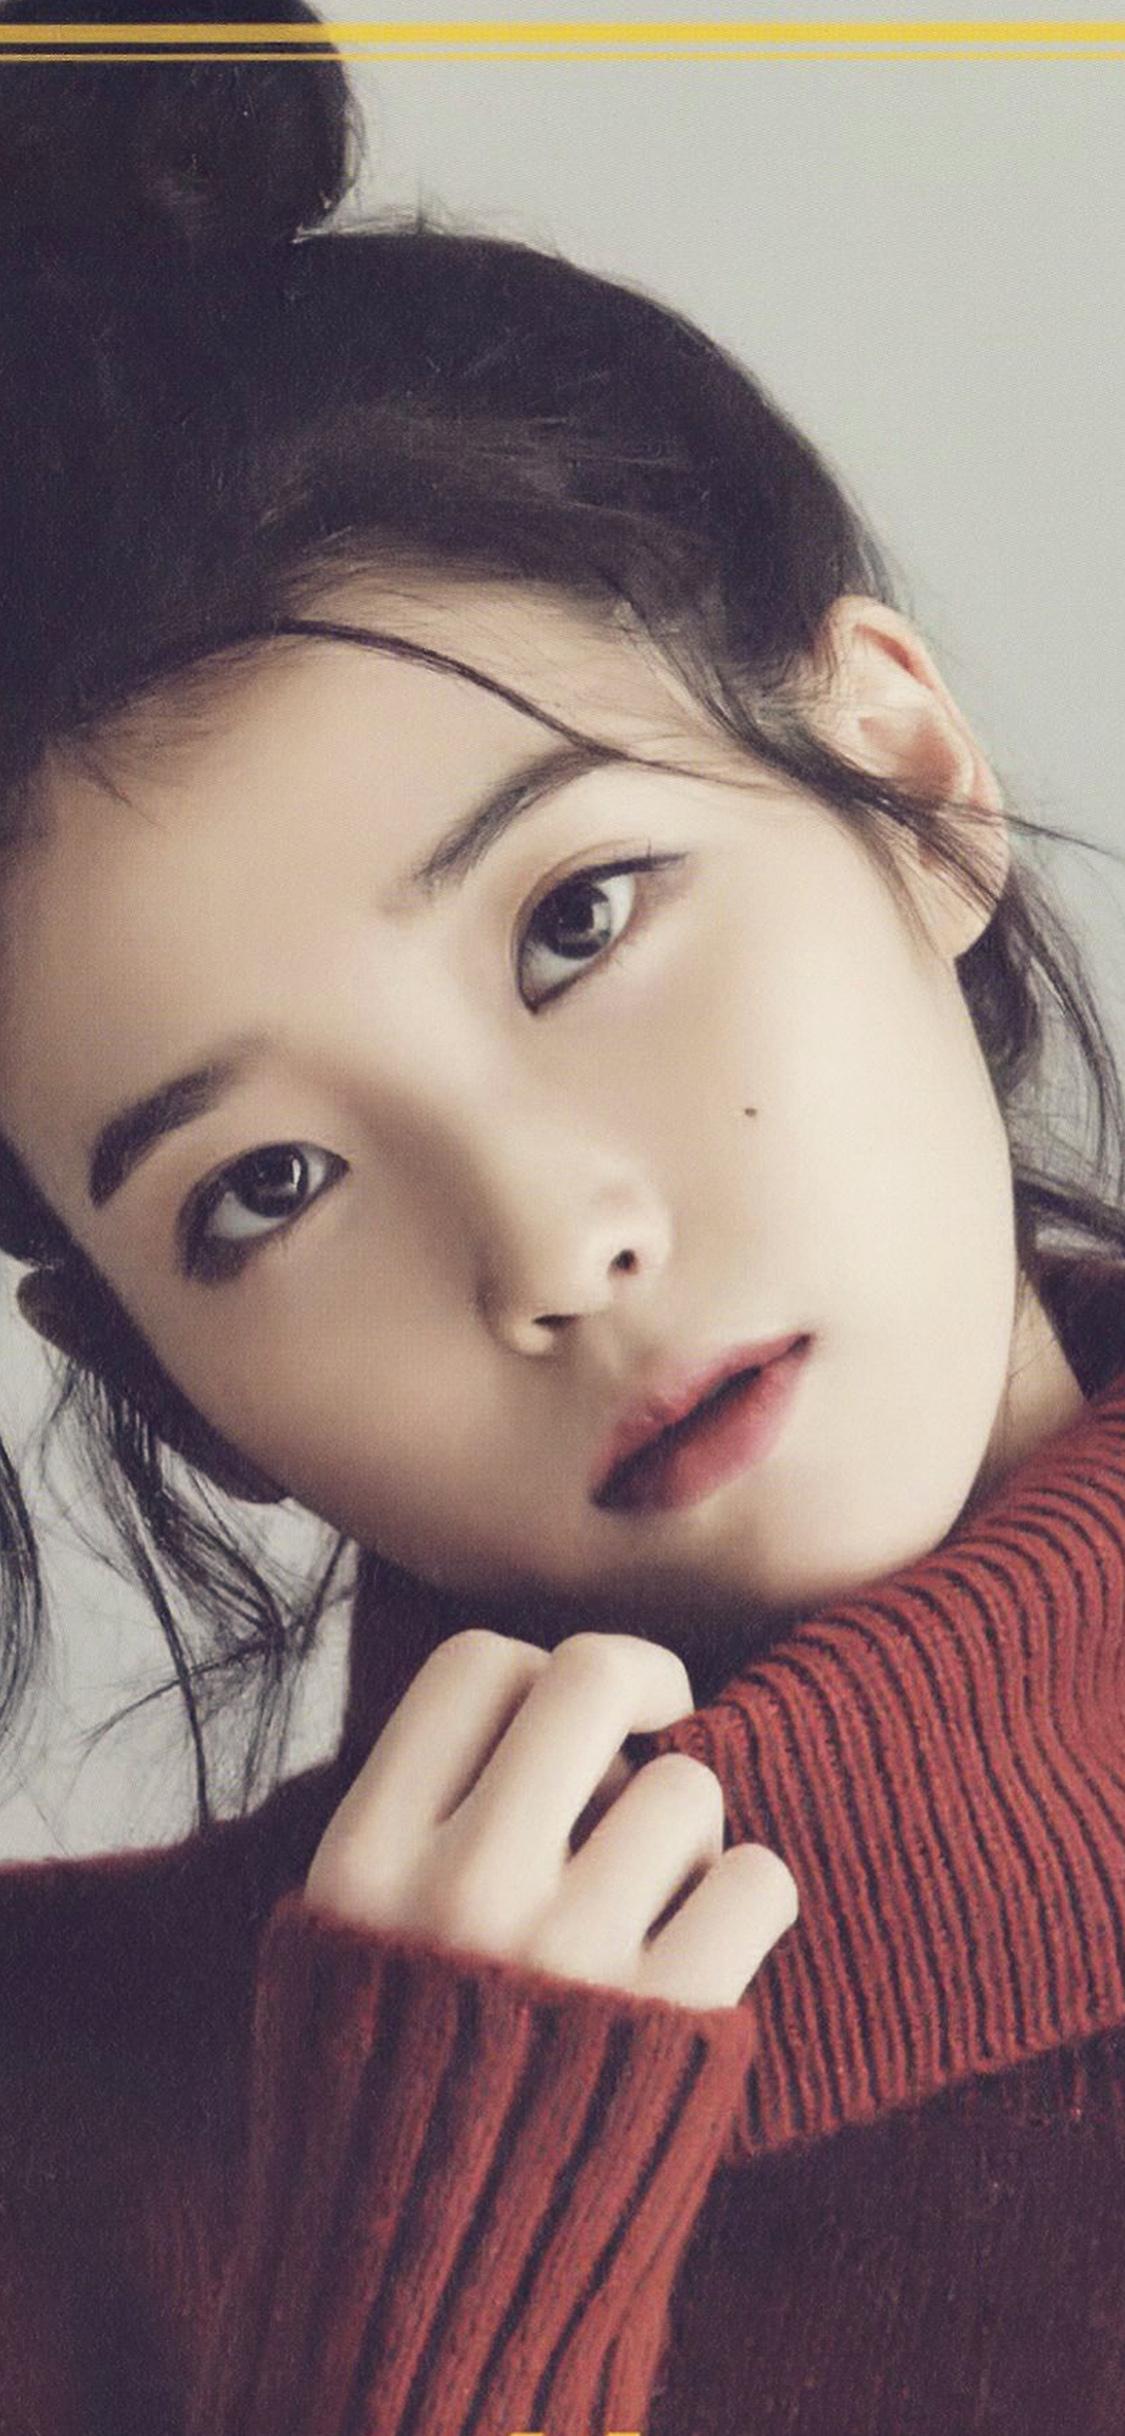 Sweet Wallpaper Hd Hn83 Iu Kpop Girl Singer Artist Cute Wallpaper